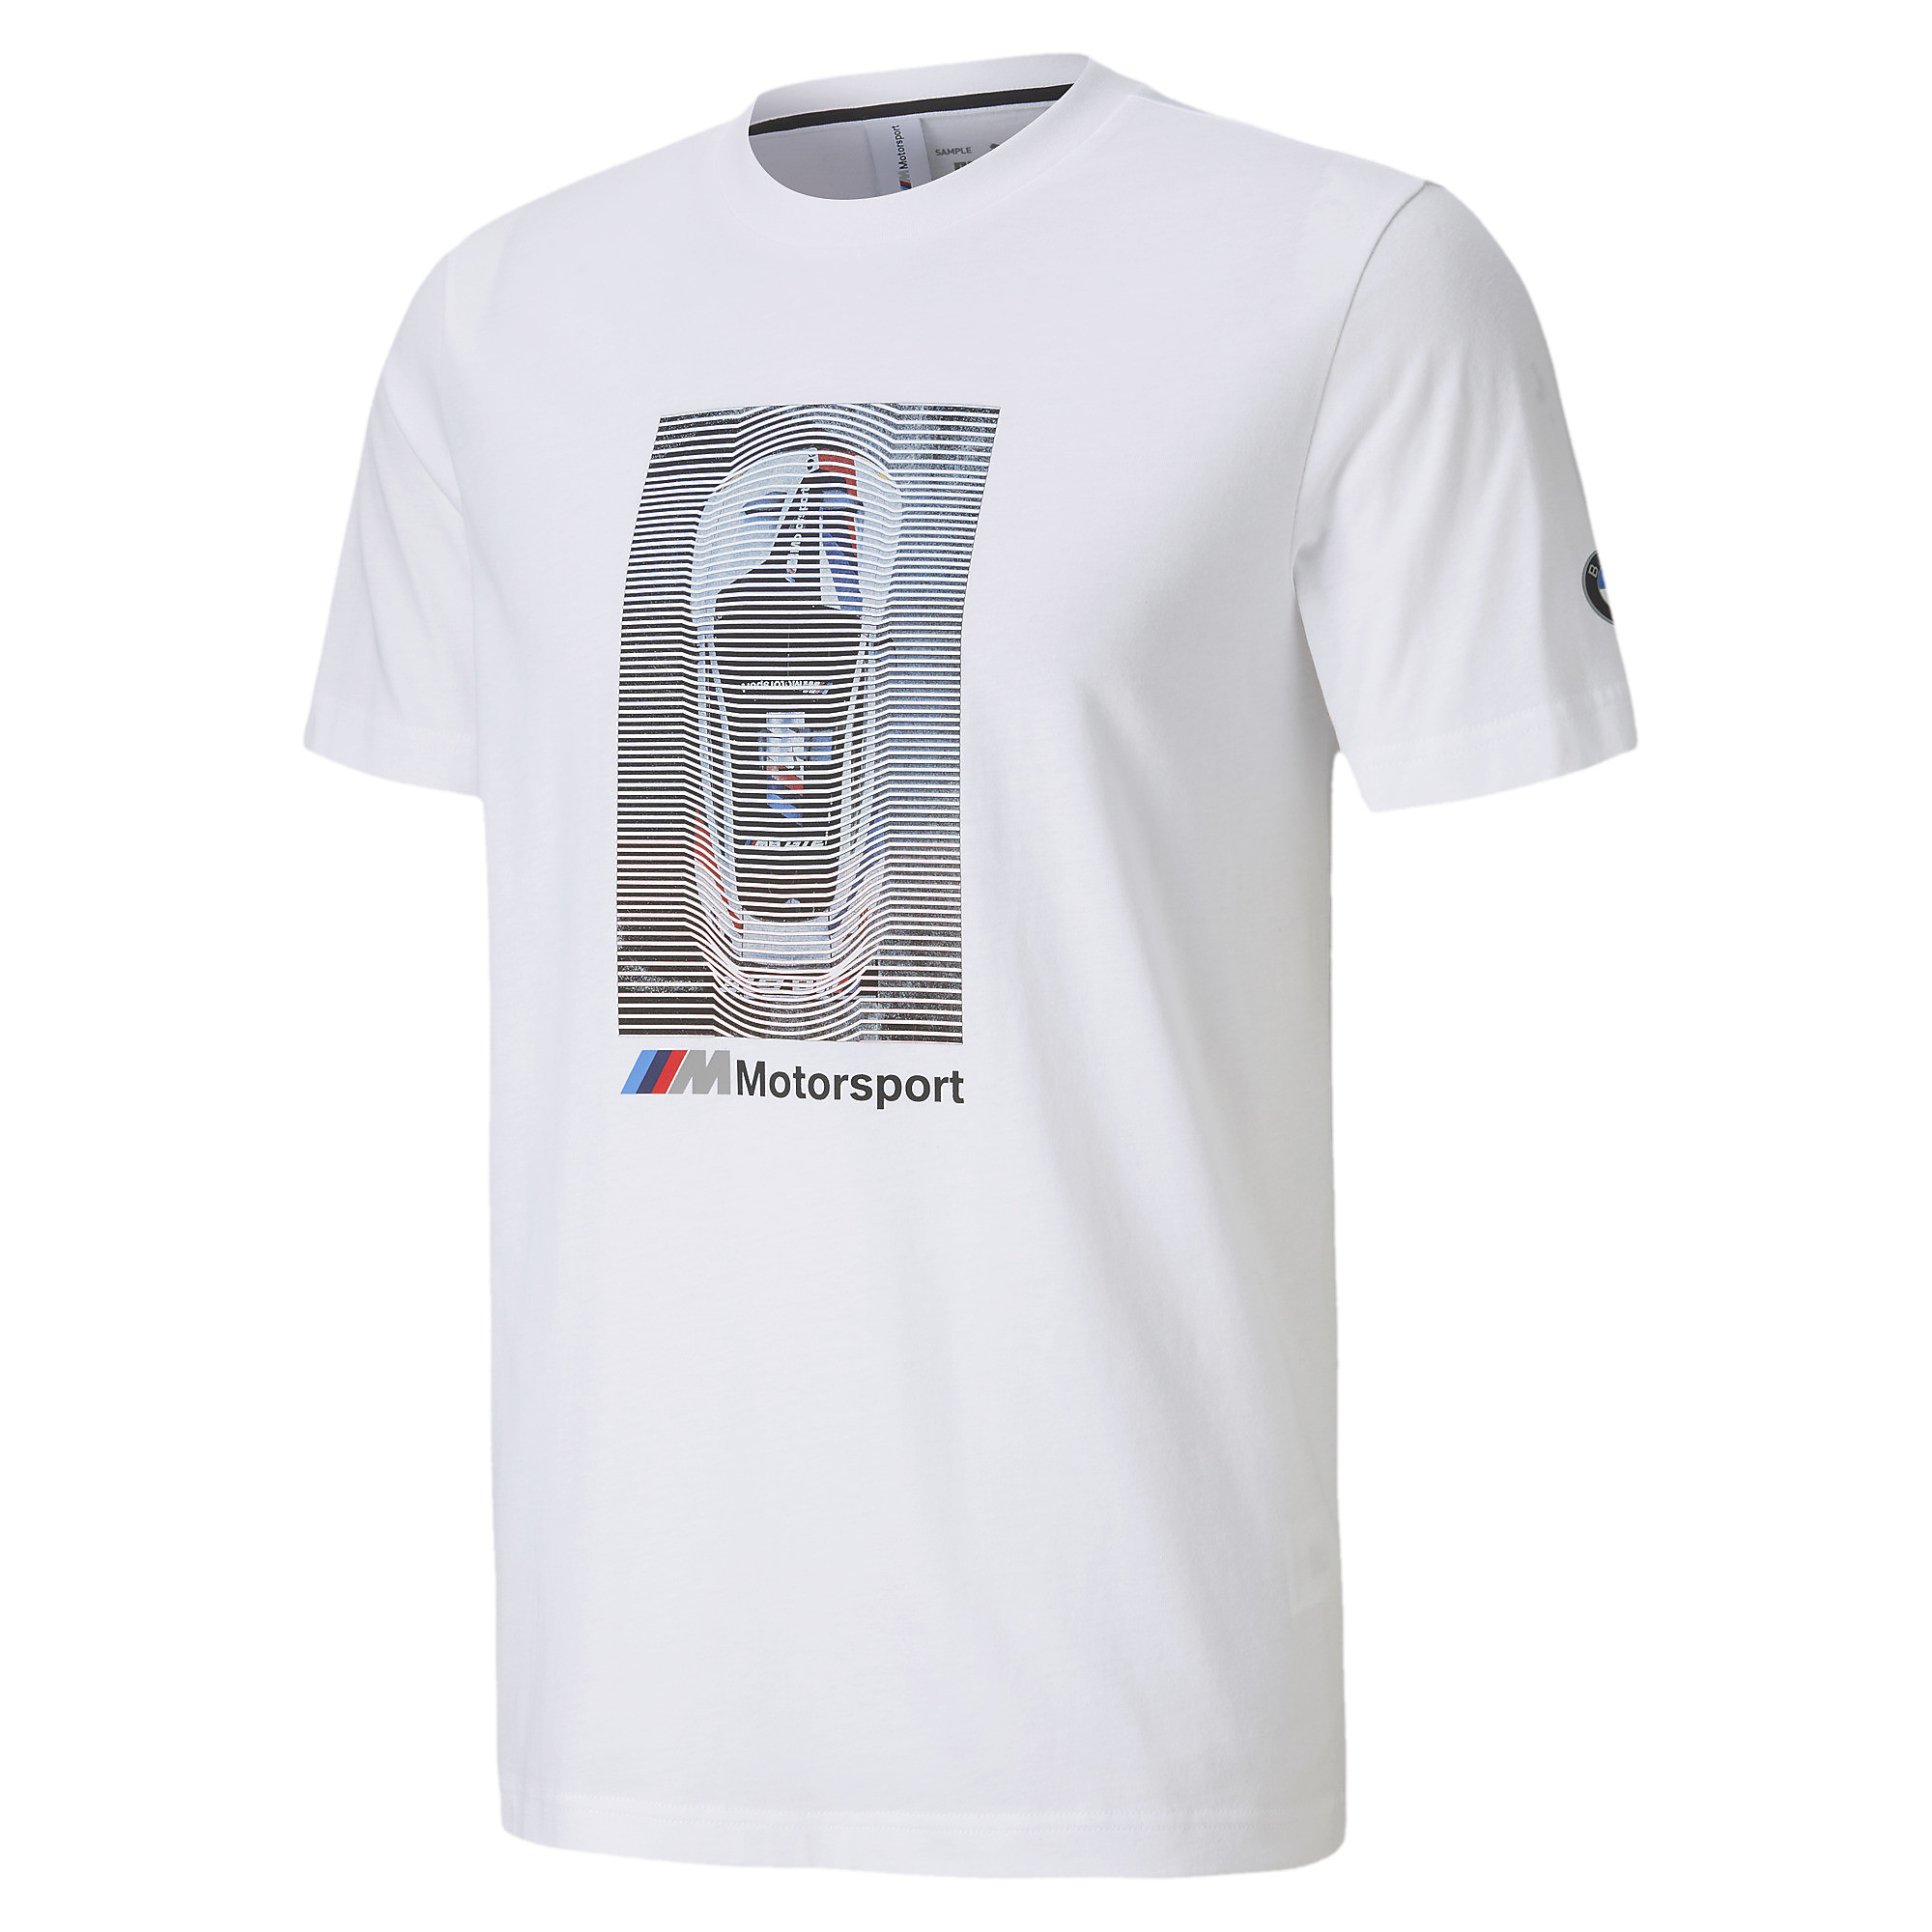 【プーマ公式通販】 プーマ BMW MMS グラフィック Tシャツ メンズ Puma White |PUMA.com